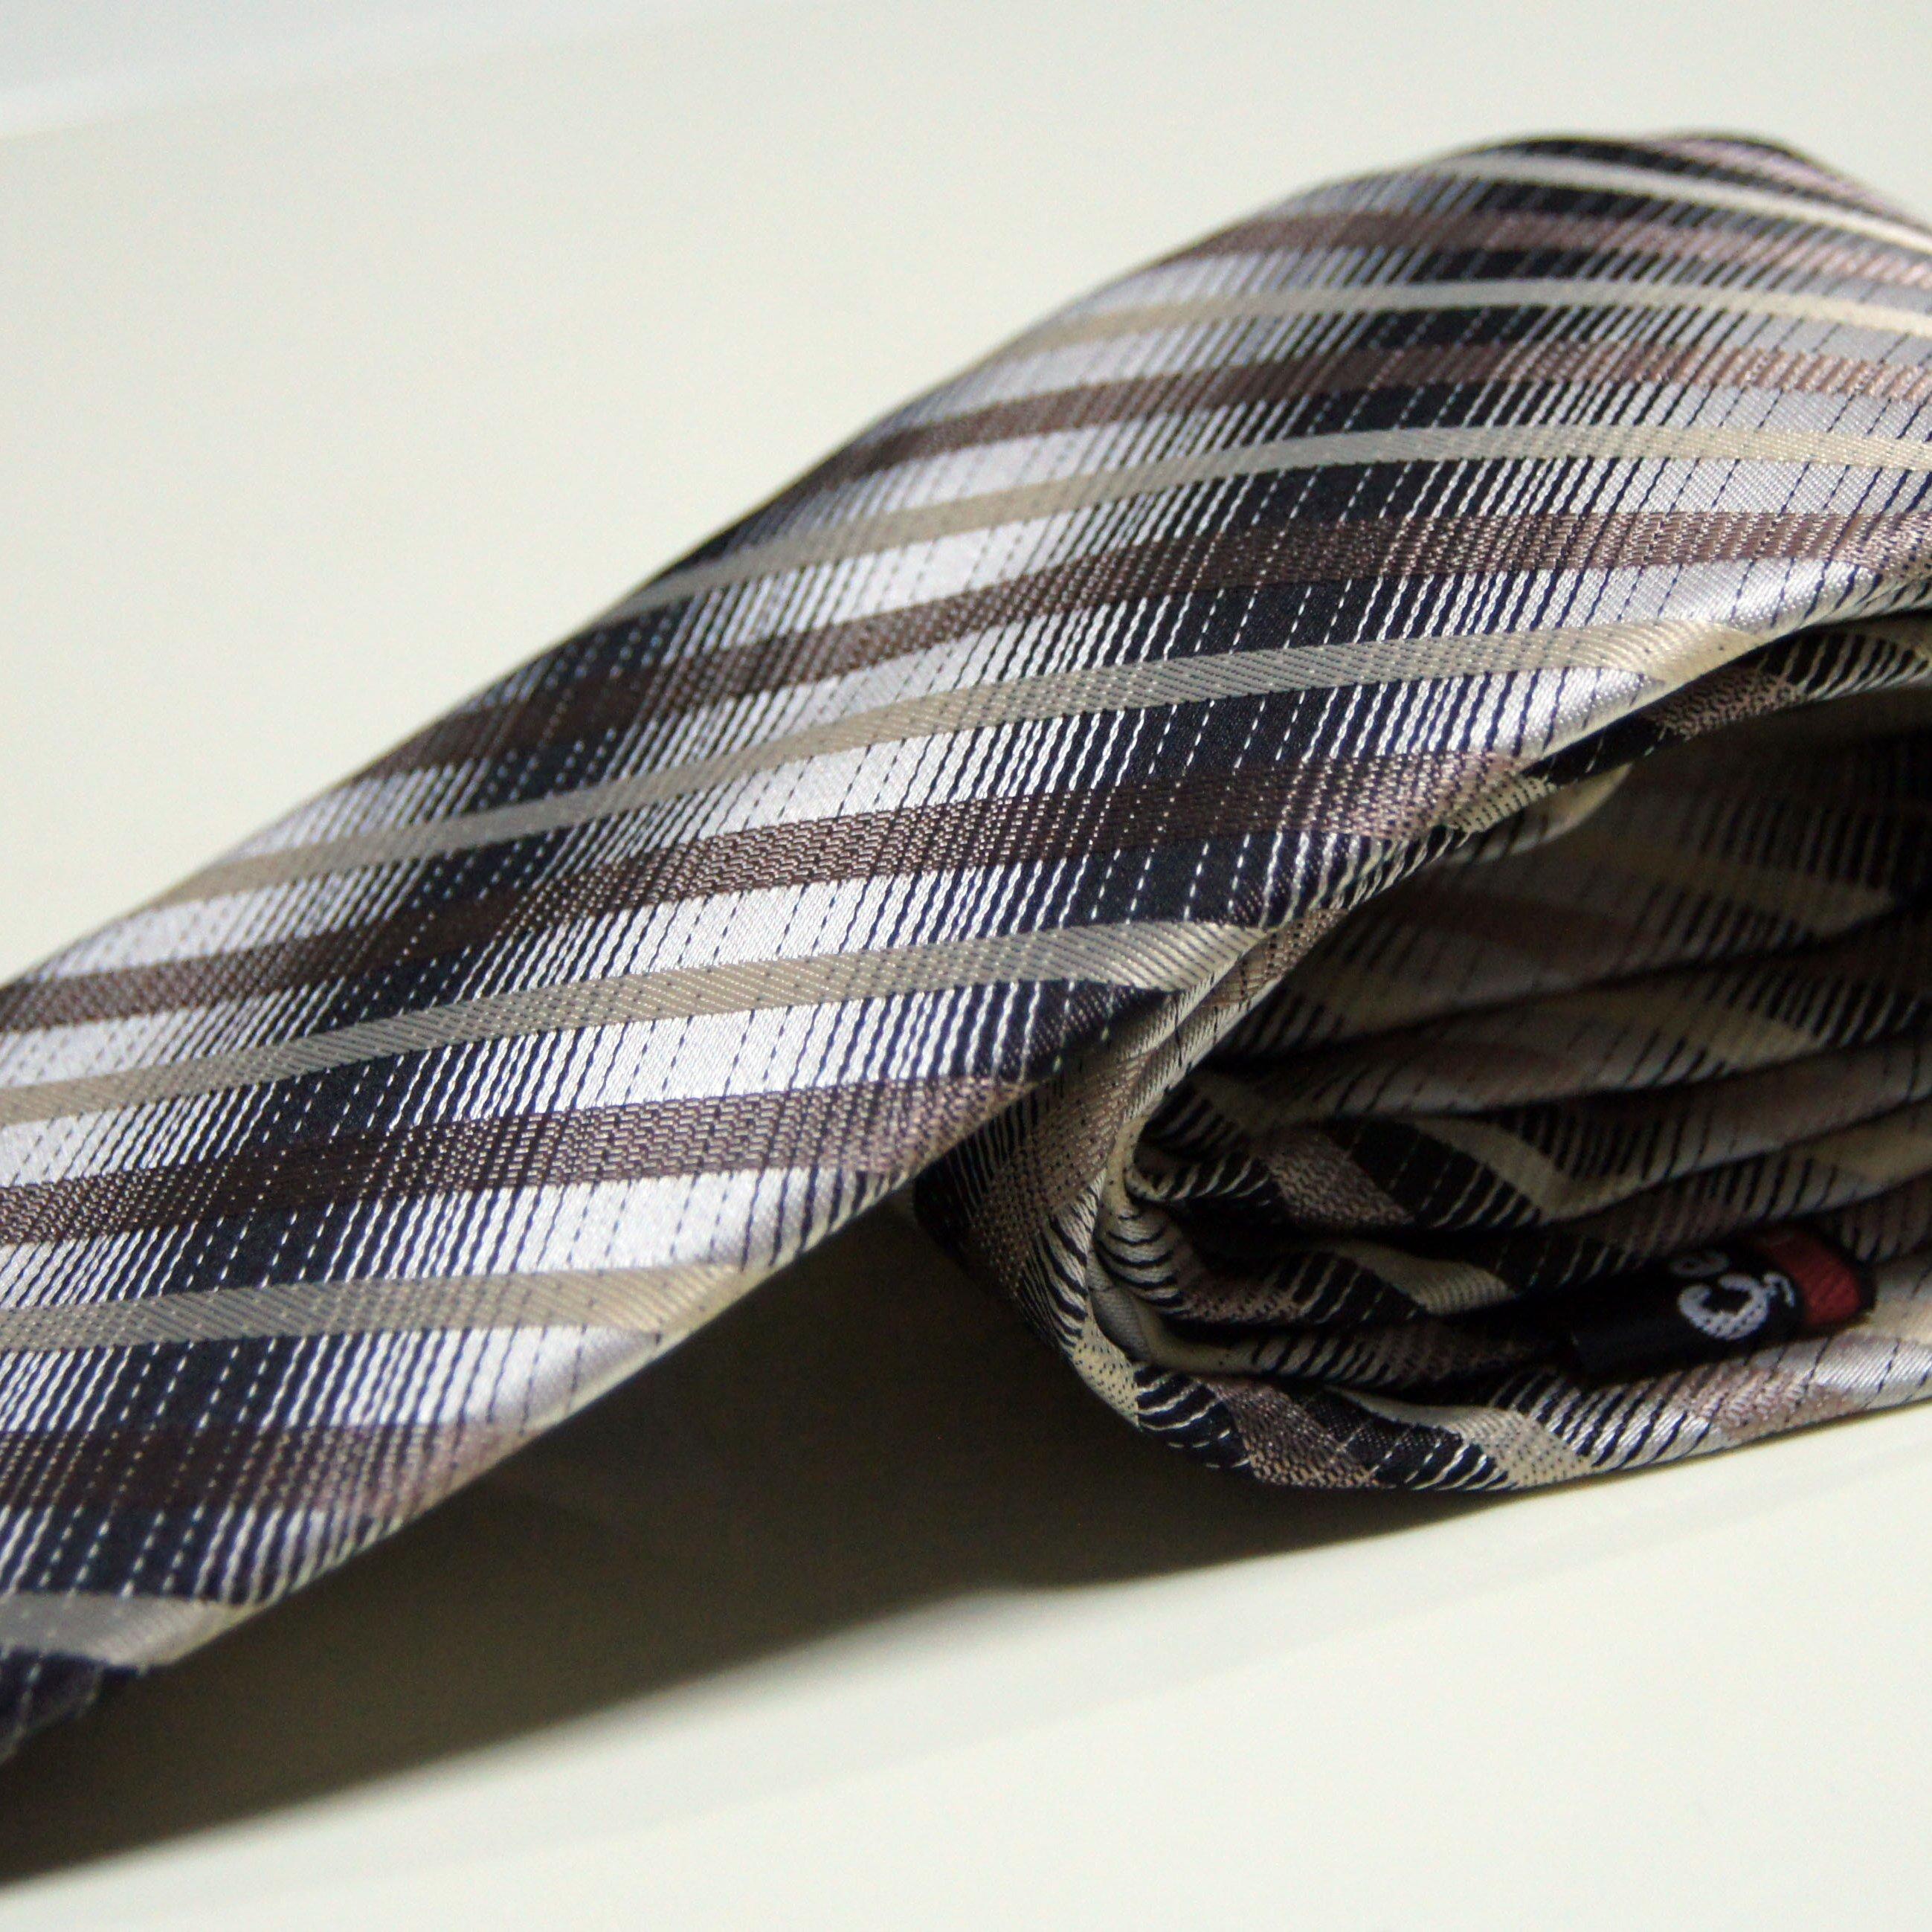 kravata #169 - muske kravate cene, beograd, subotica, pokloni, poklon, vencanje, mladozenja, odijelo